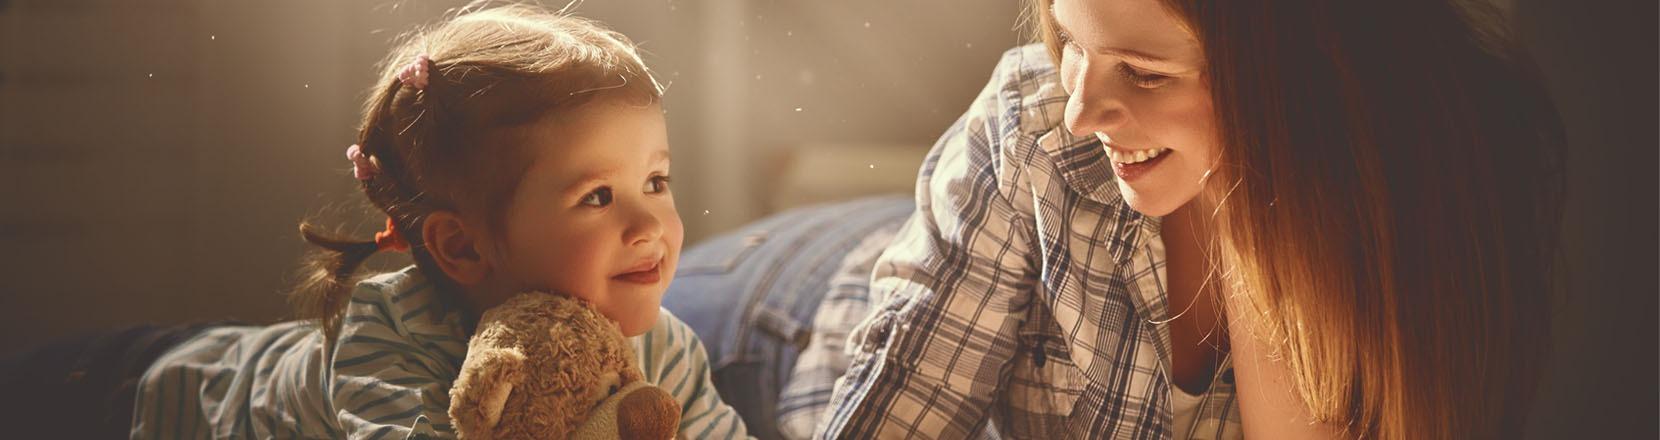 Mettilo al primo posto: mamma e bambina che si guardano negli occhi